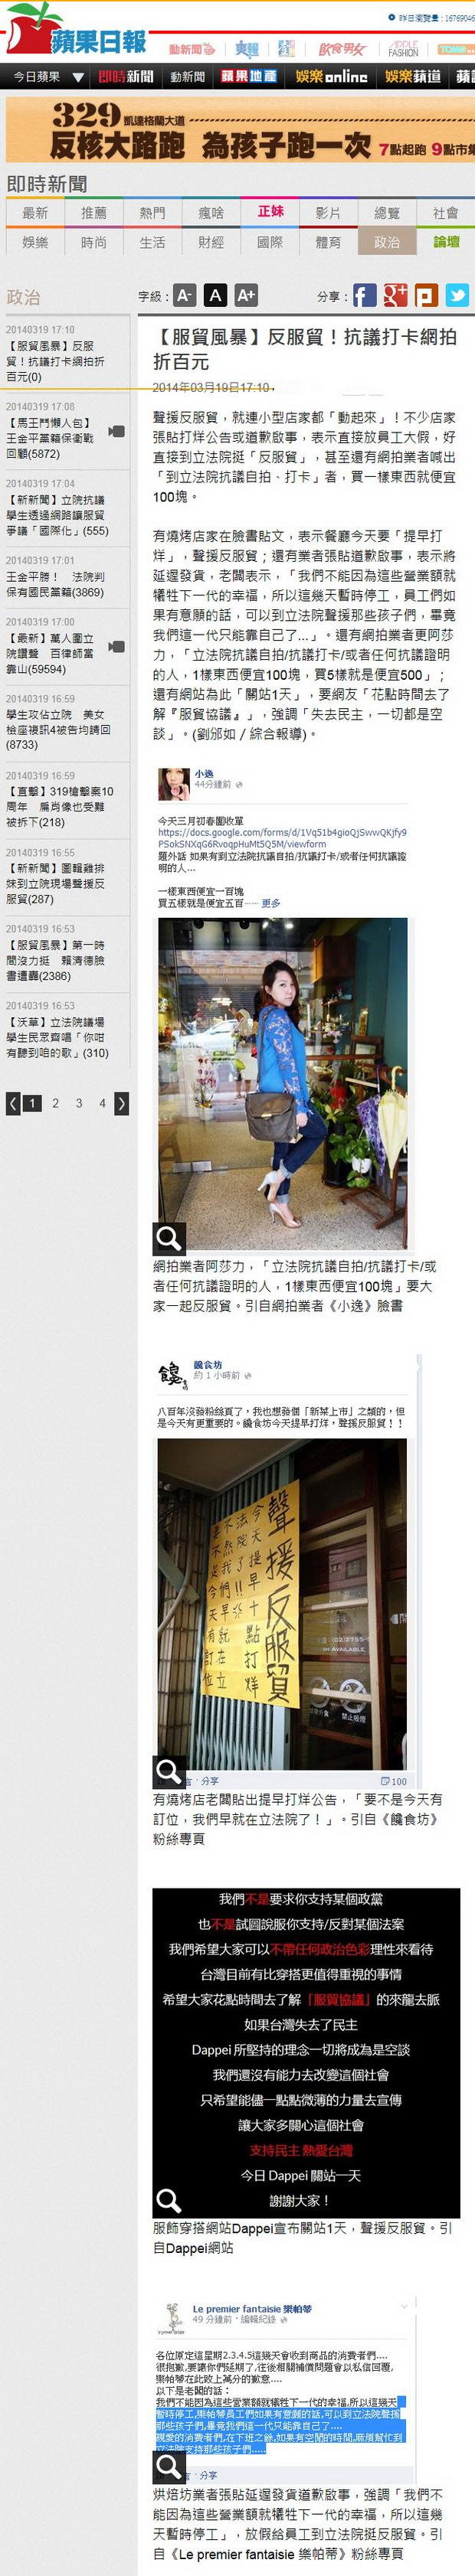 【服貿風暴】反服貿!抗議打卡網拍折百元-2014.03.19.jpg